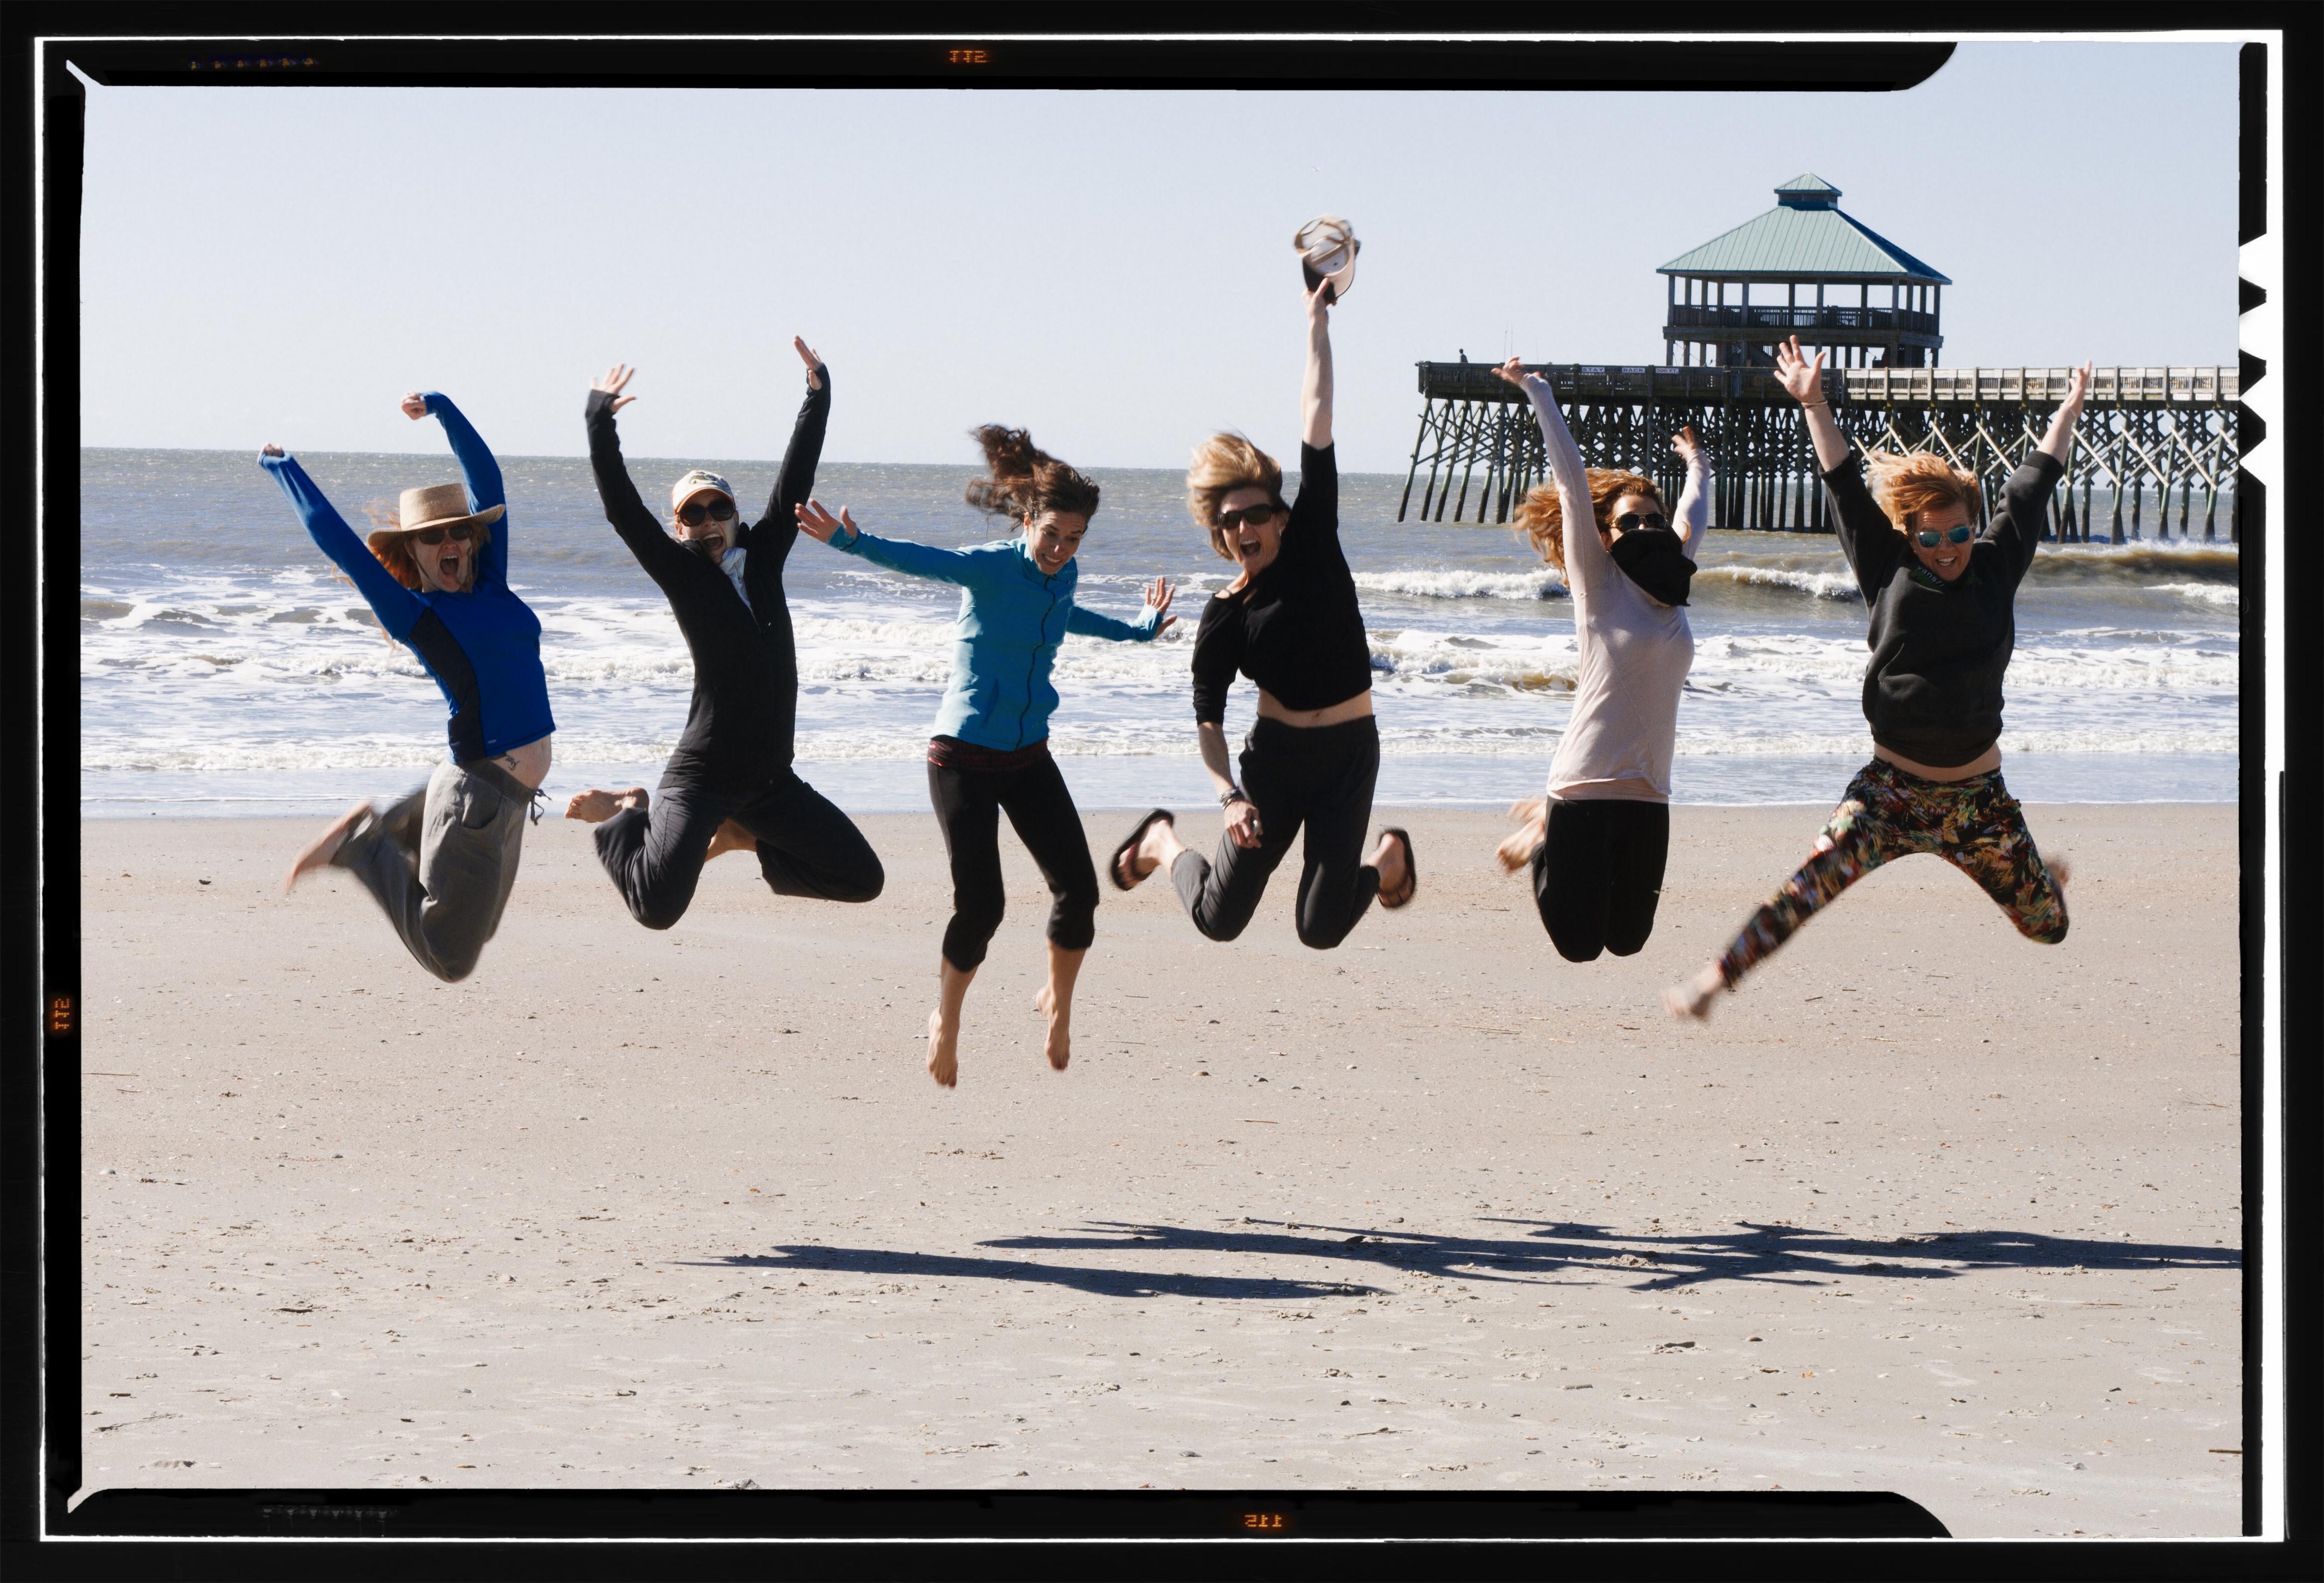 Beachgirlsjumping